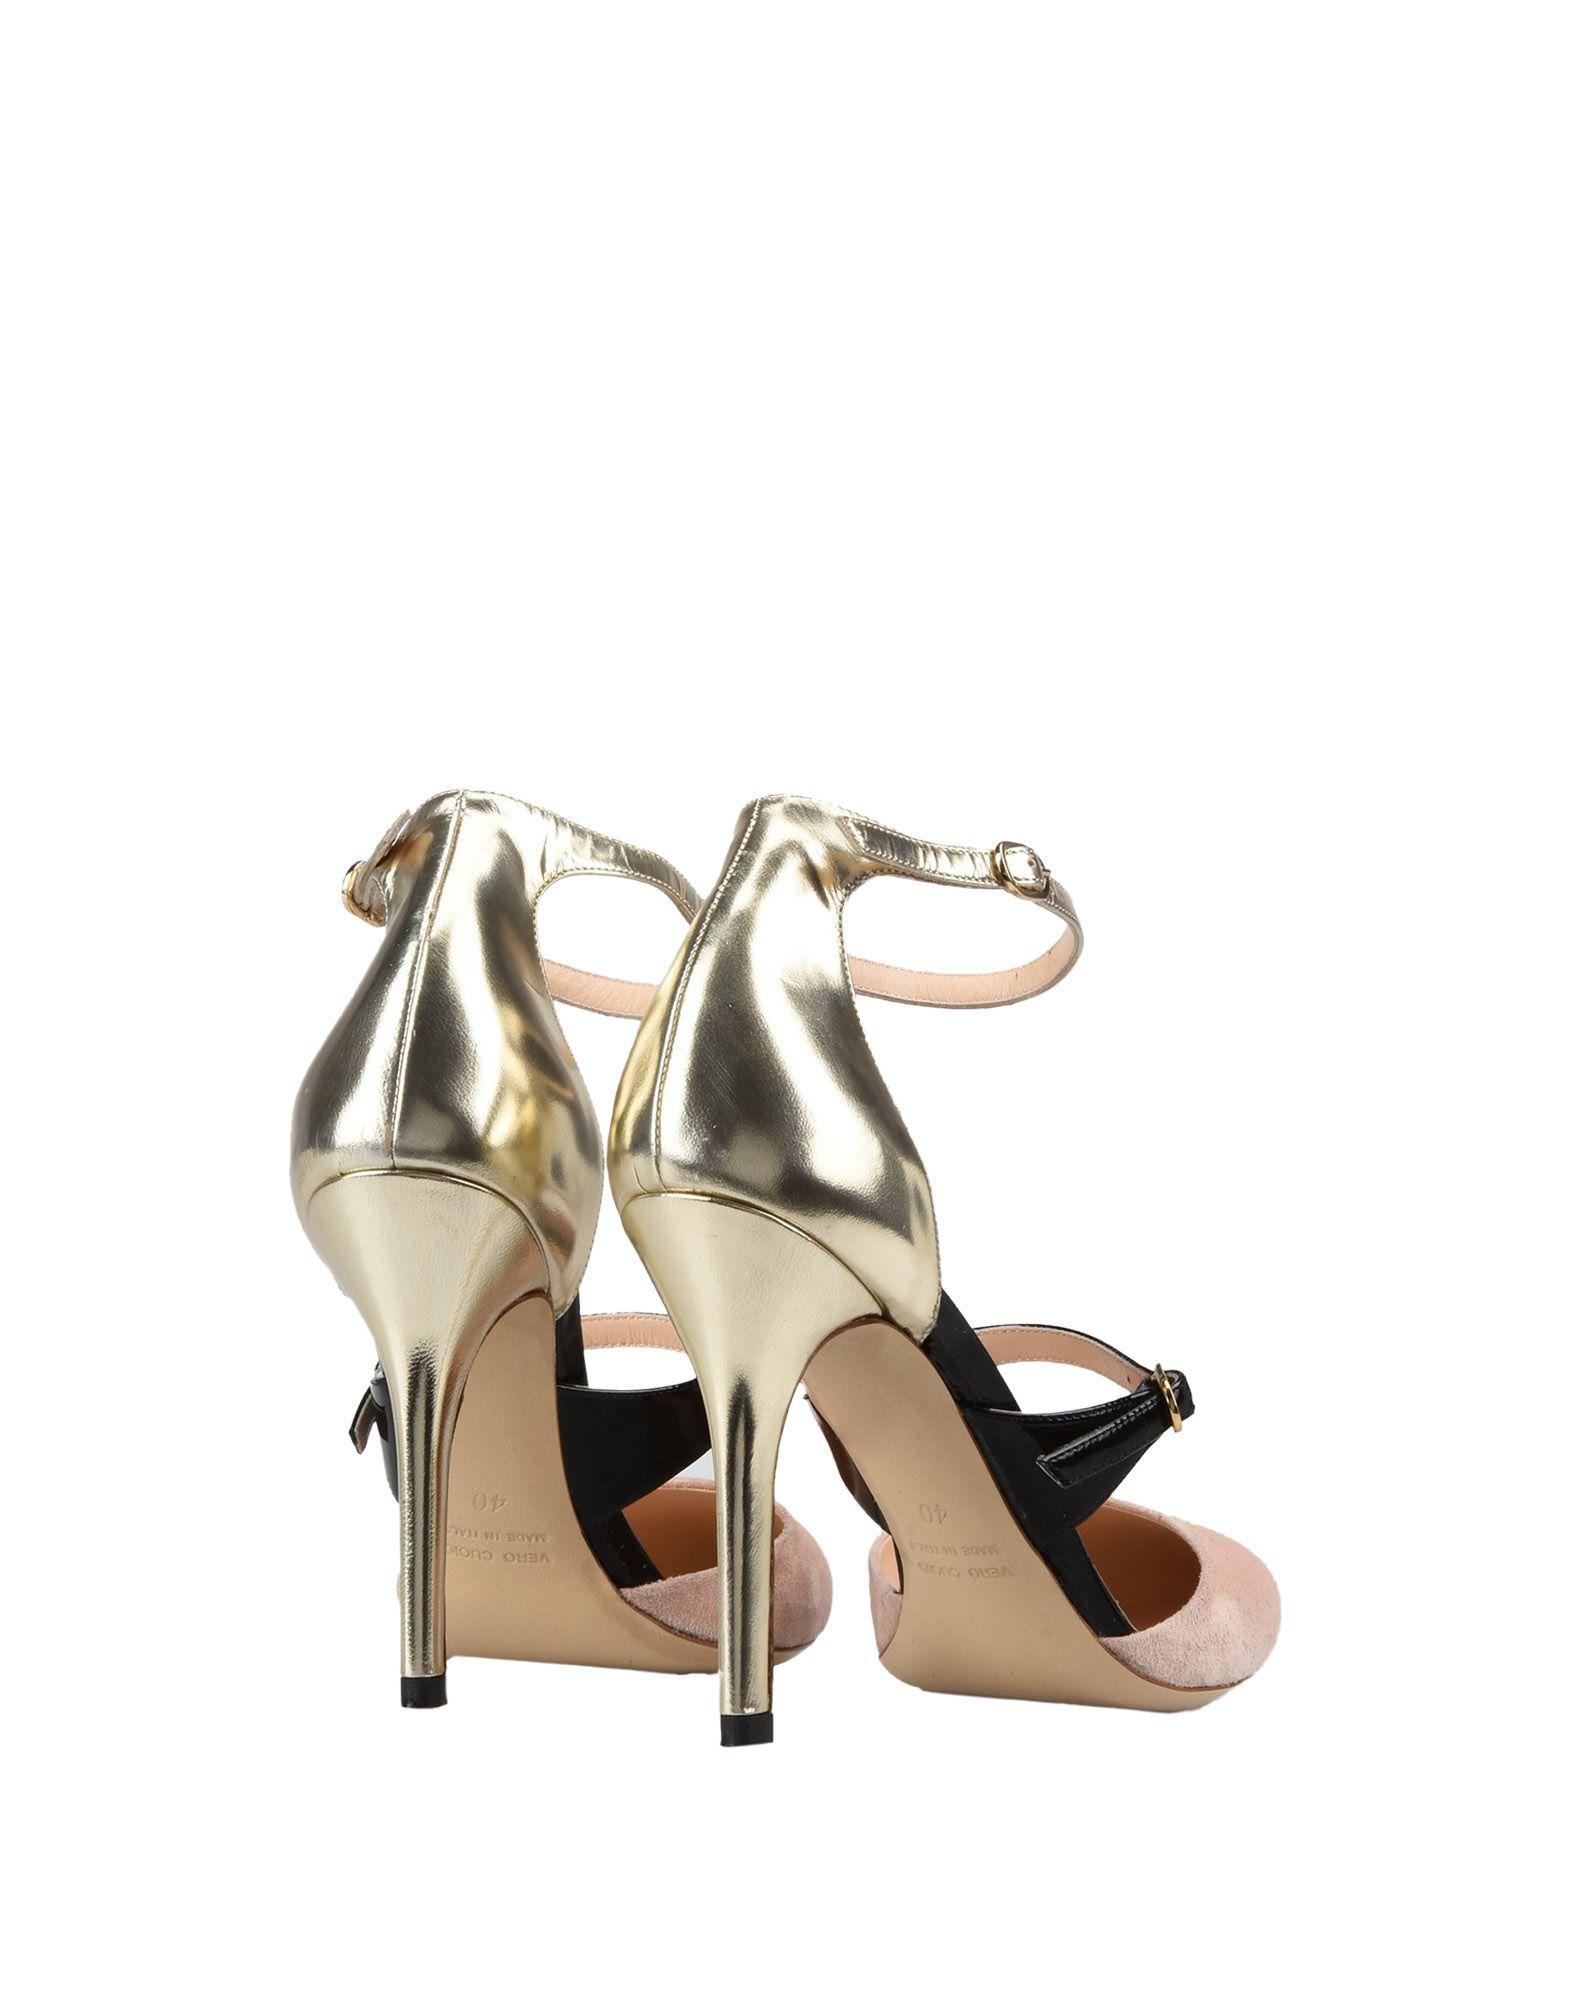 Pierre Darré Pumps Damen  11224392SU Gute Qualität beliebte beliebte Qualität Schuhe f3b745